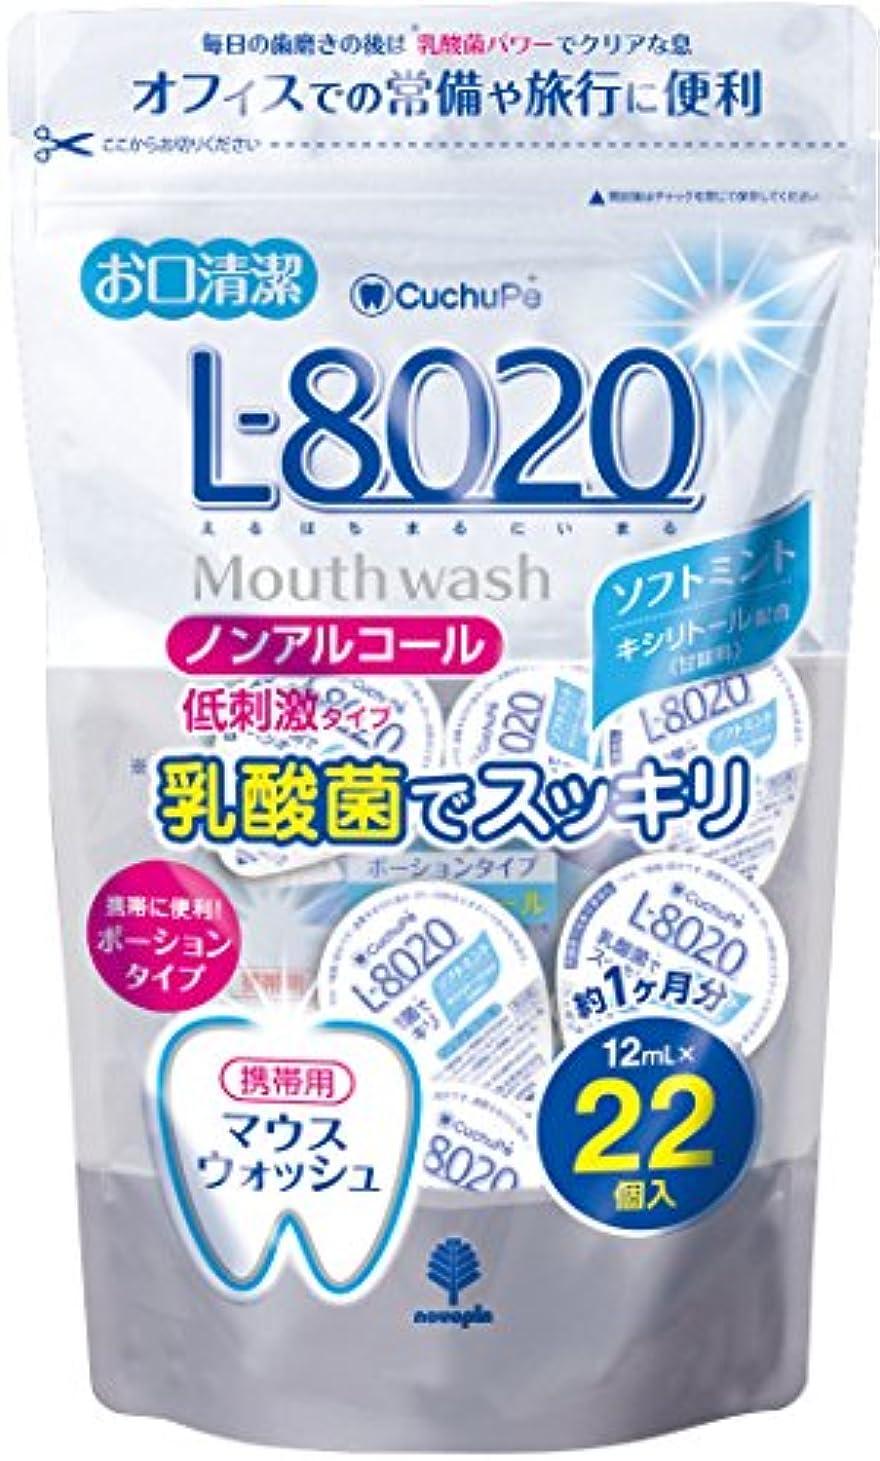 スペイン語ペンフレンドスカリー紀陽除虫菊 マウスウォッシュ クチュッペ L-8020 ソフトミント (ノンアルコール) ポーションタイプ 22個入